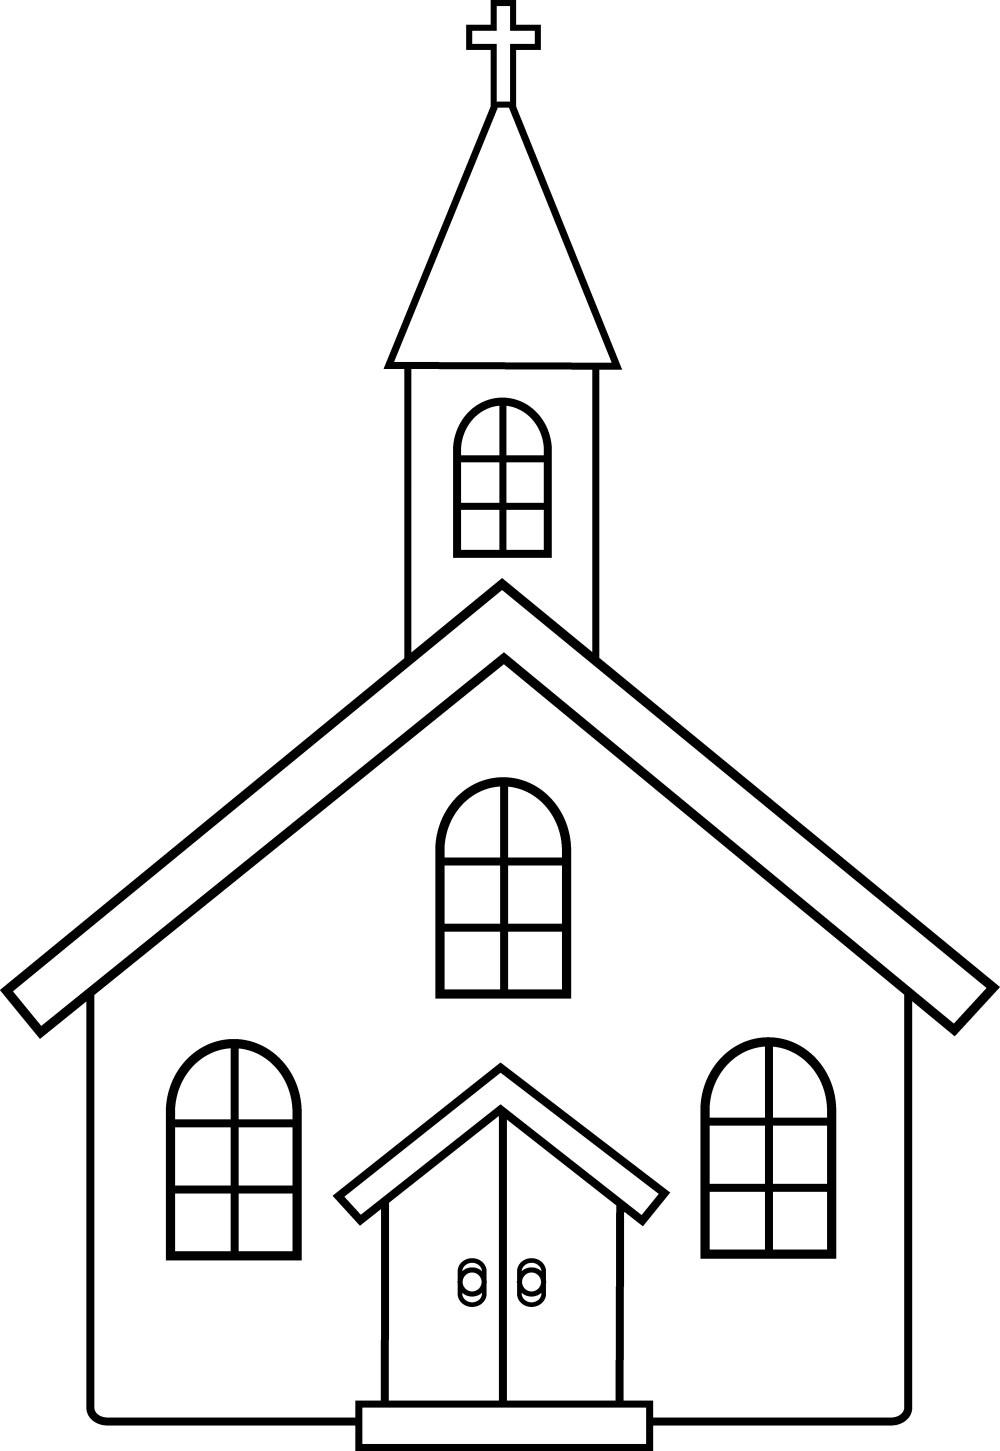 medium resolution of free christian clip art church building church house local church